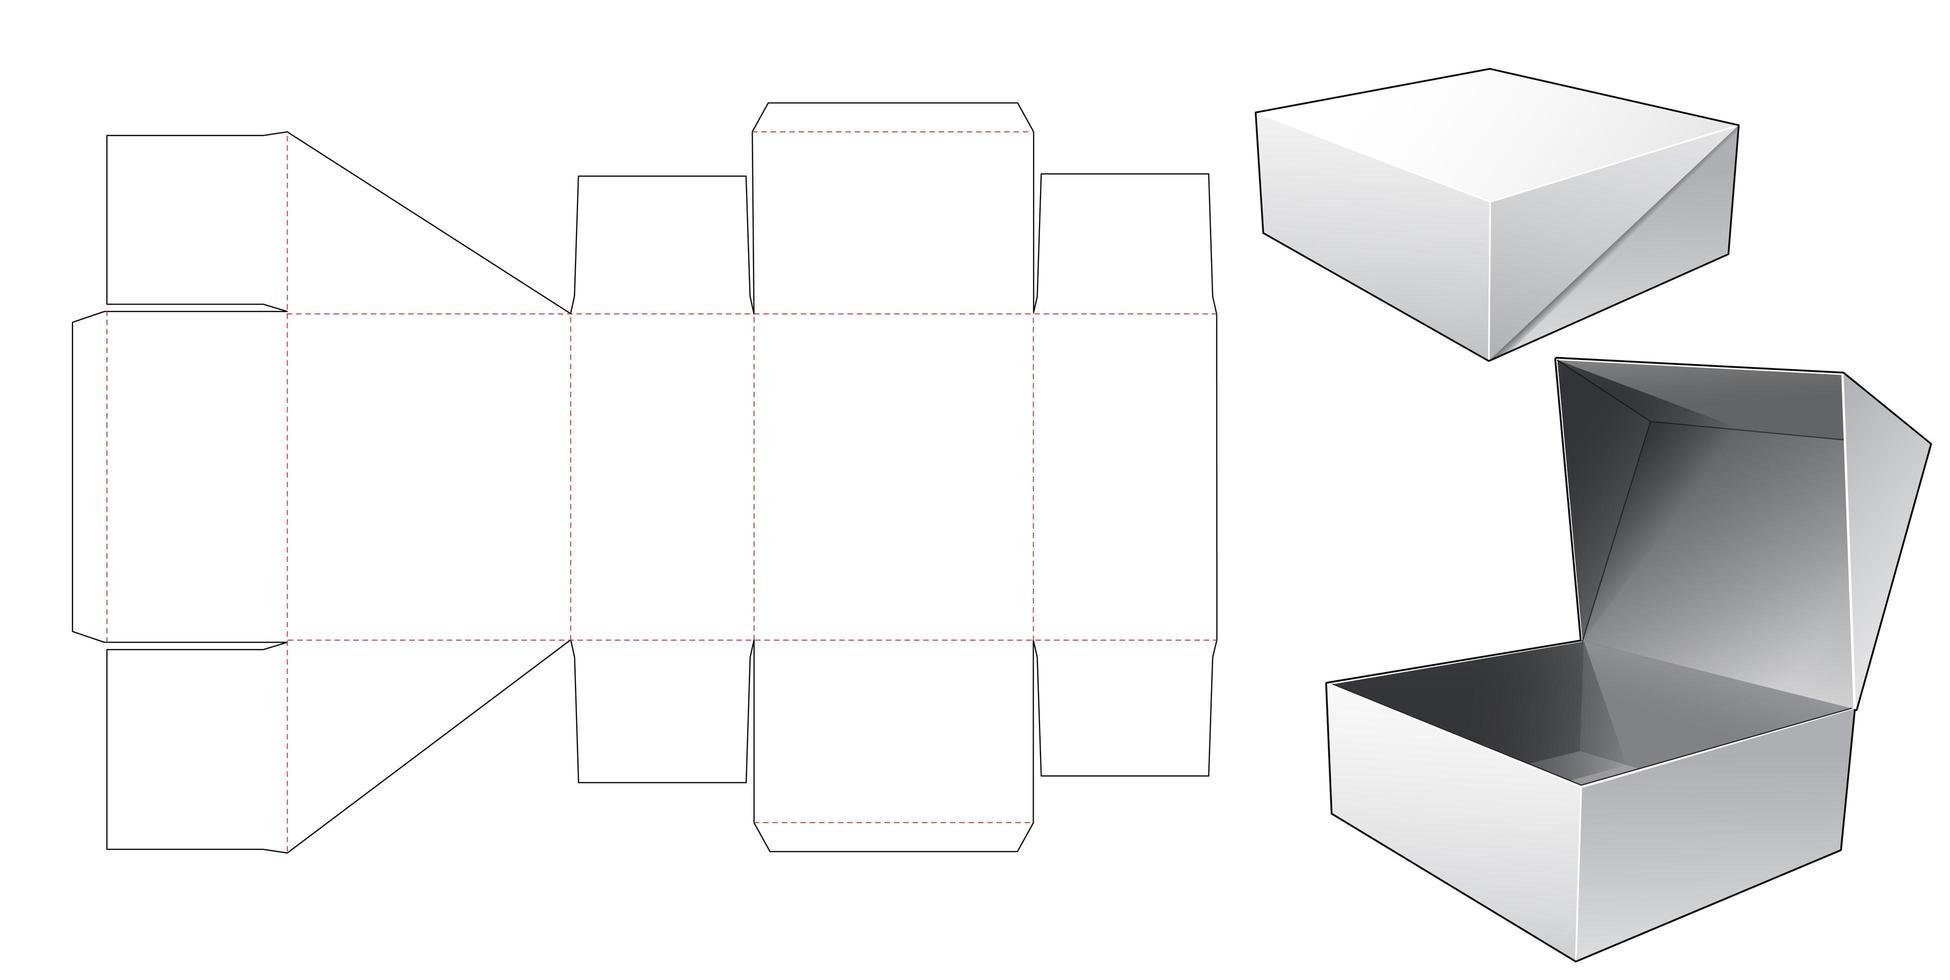 Caixa de embalagem de 1 peça com tampa vetor